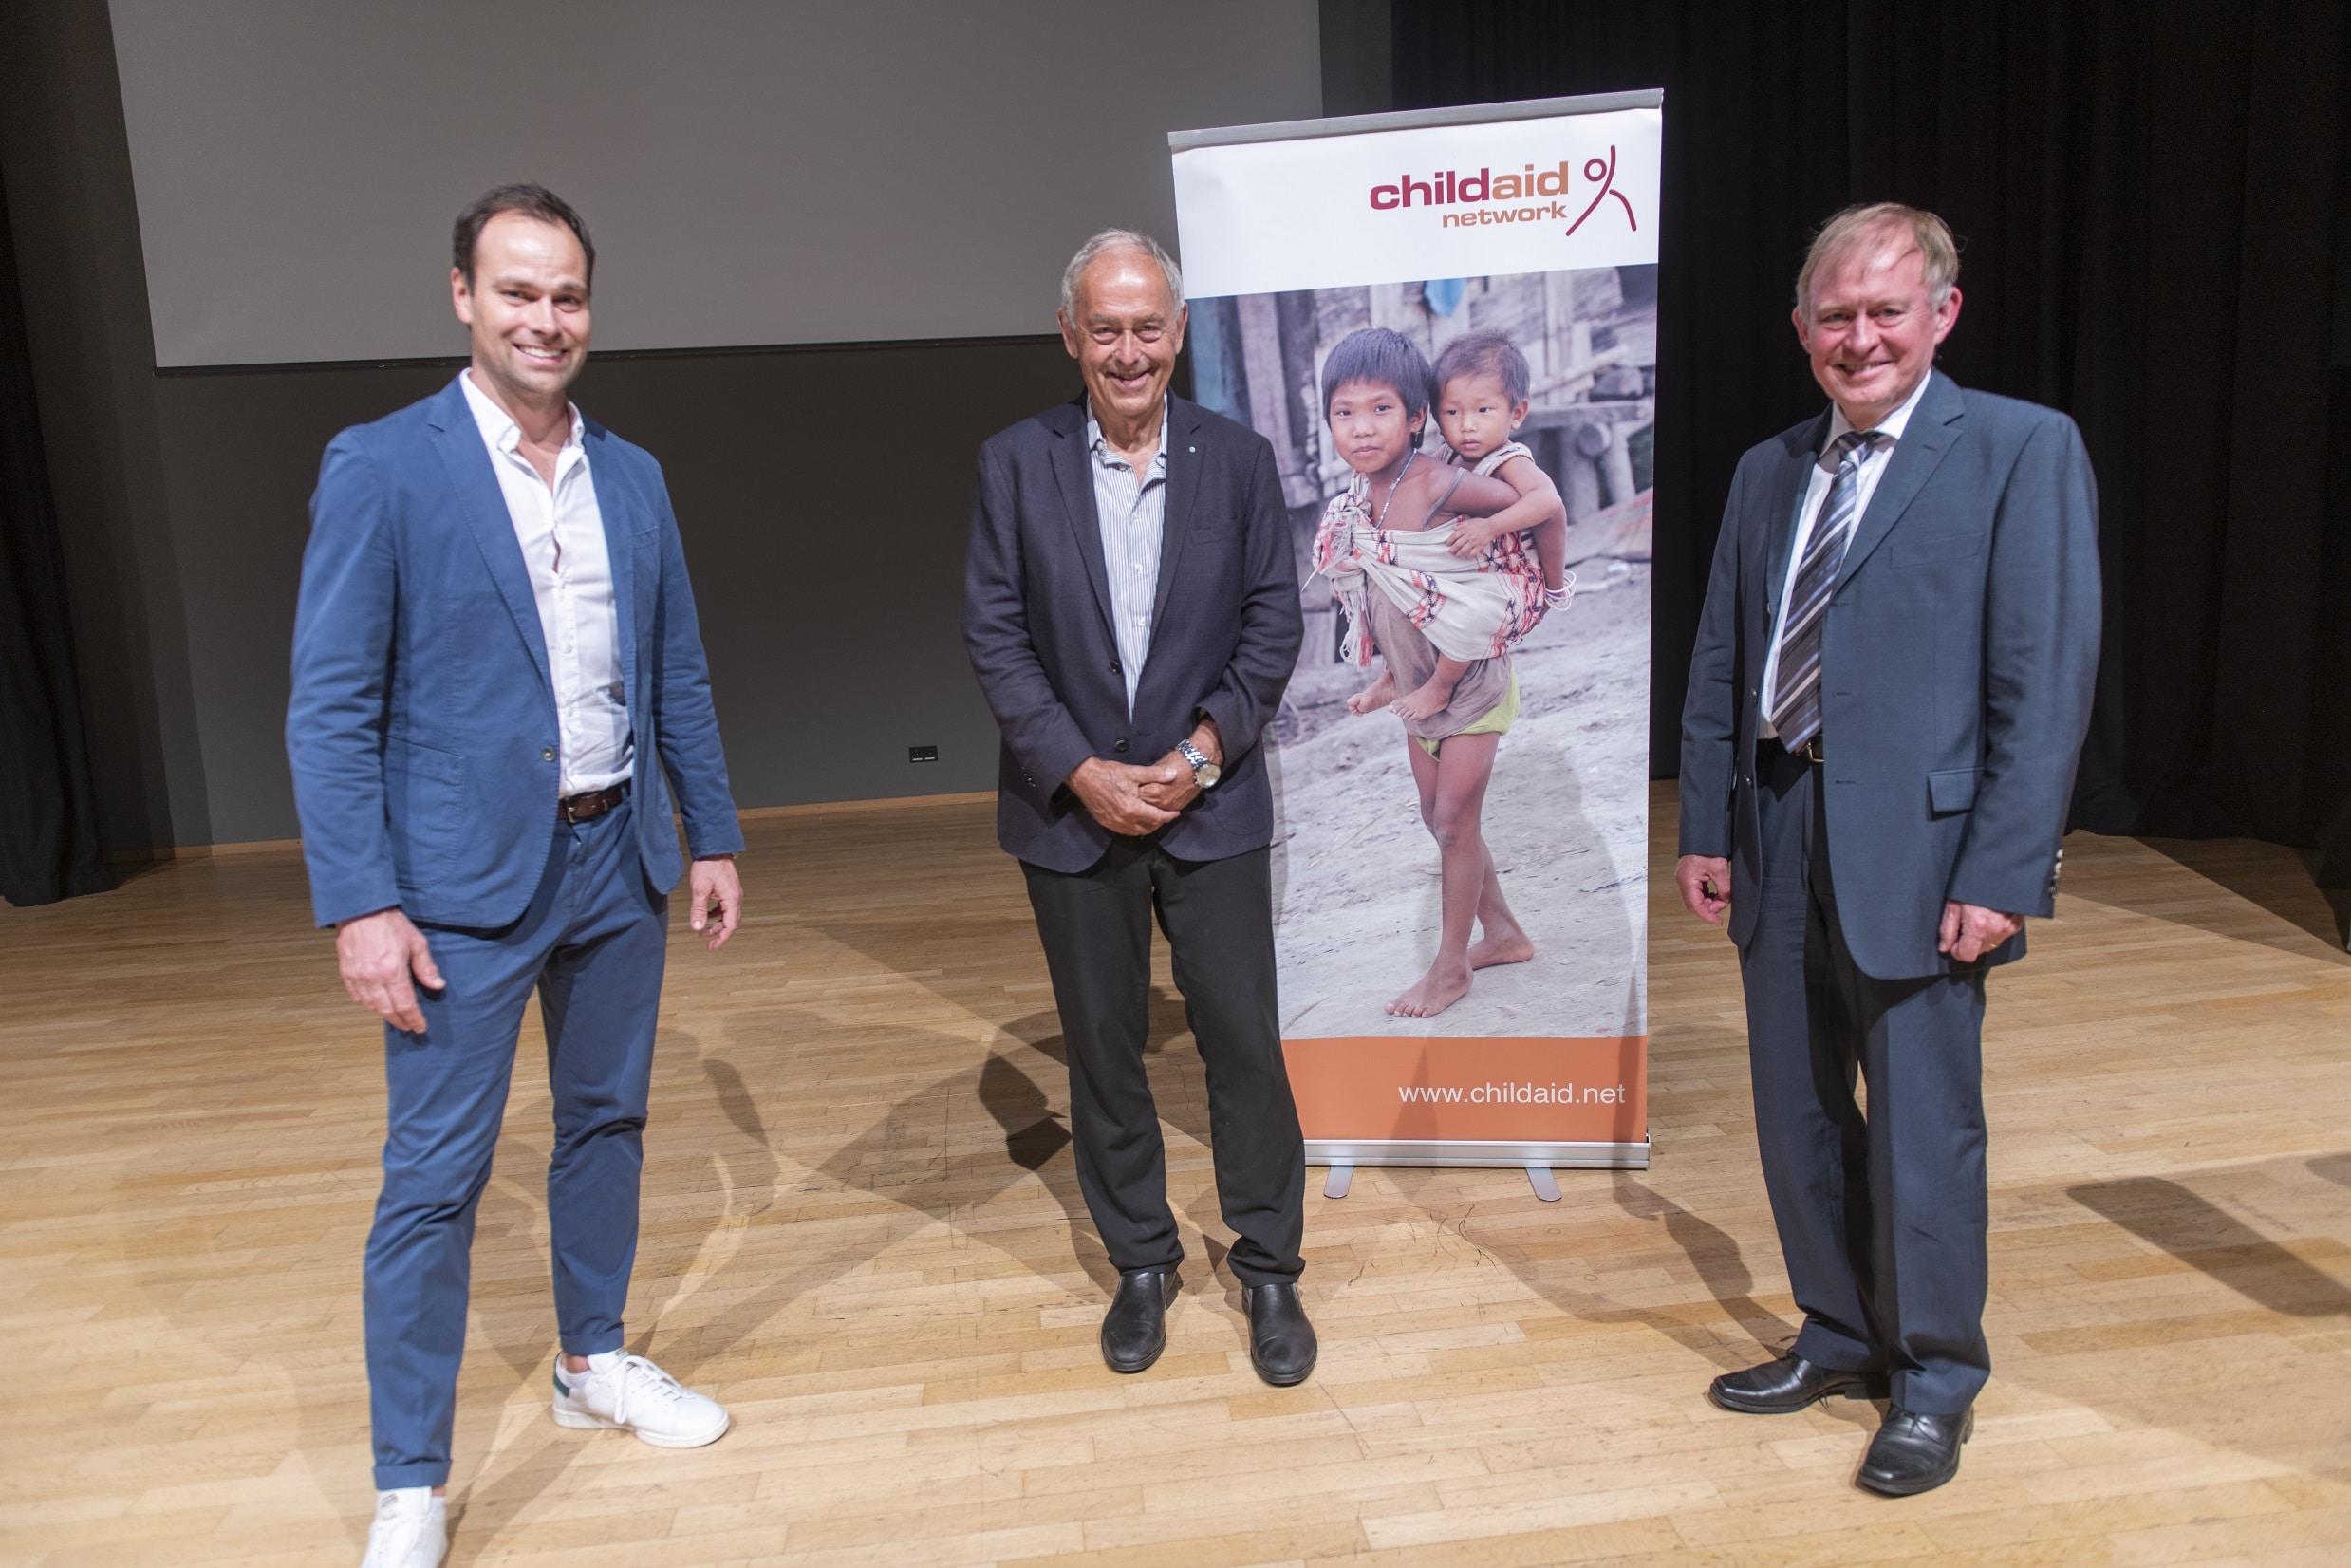 Königsteiner Salon mit Professor Radermacher, Daniel Fischer, Martin Kasper